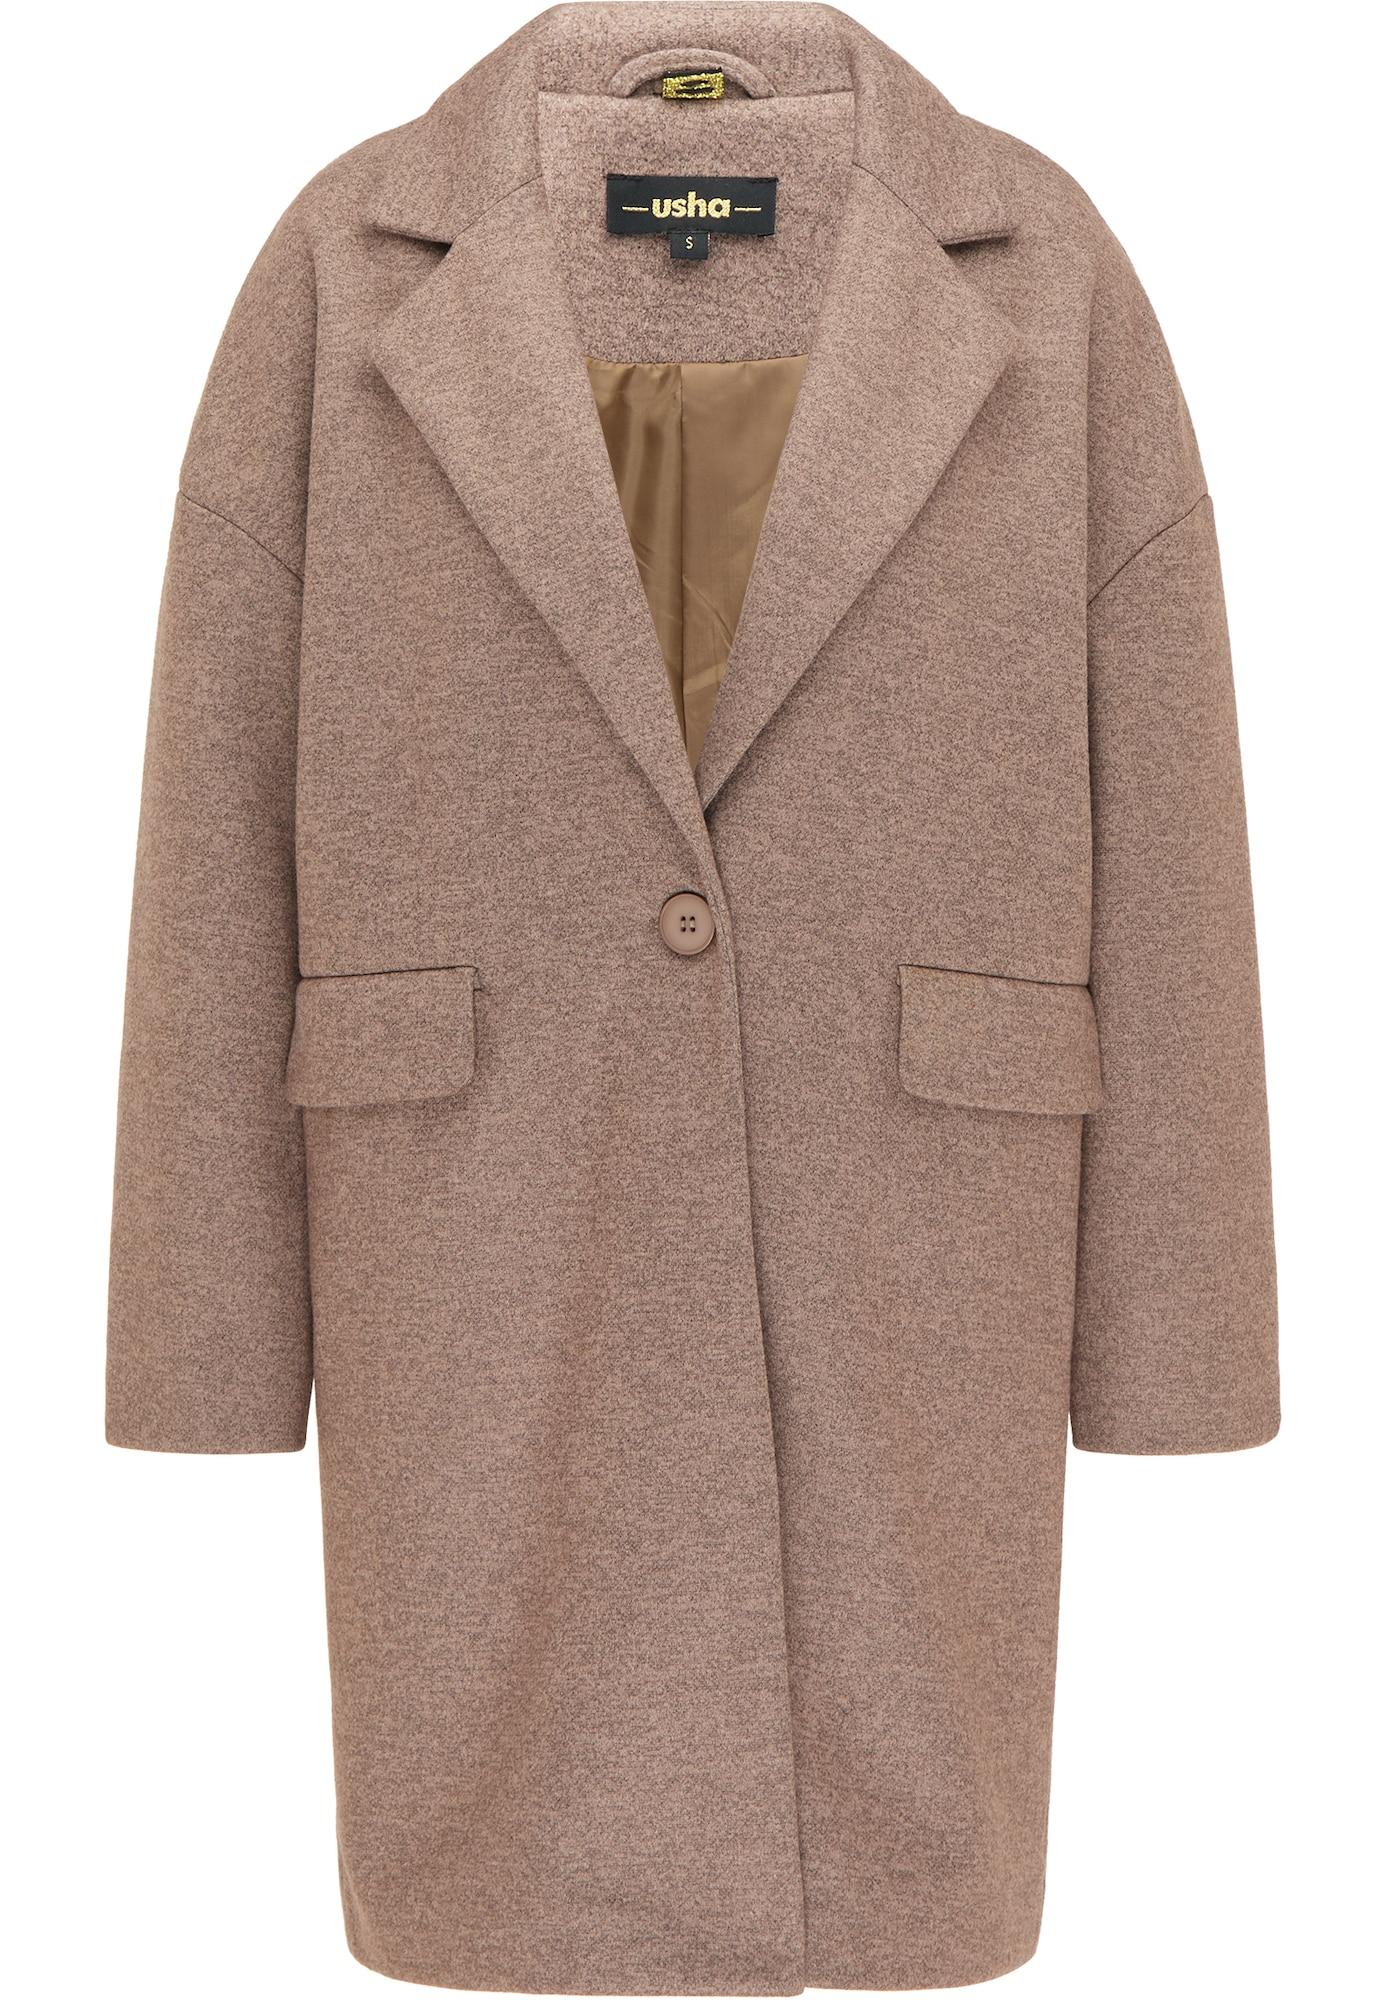 usha BLACK LABEL Demisezoninis paltas margai ruda